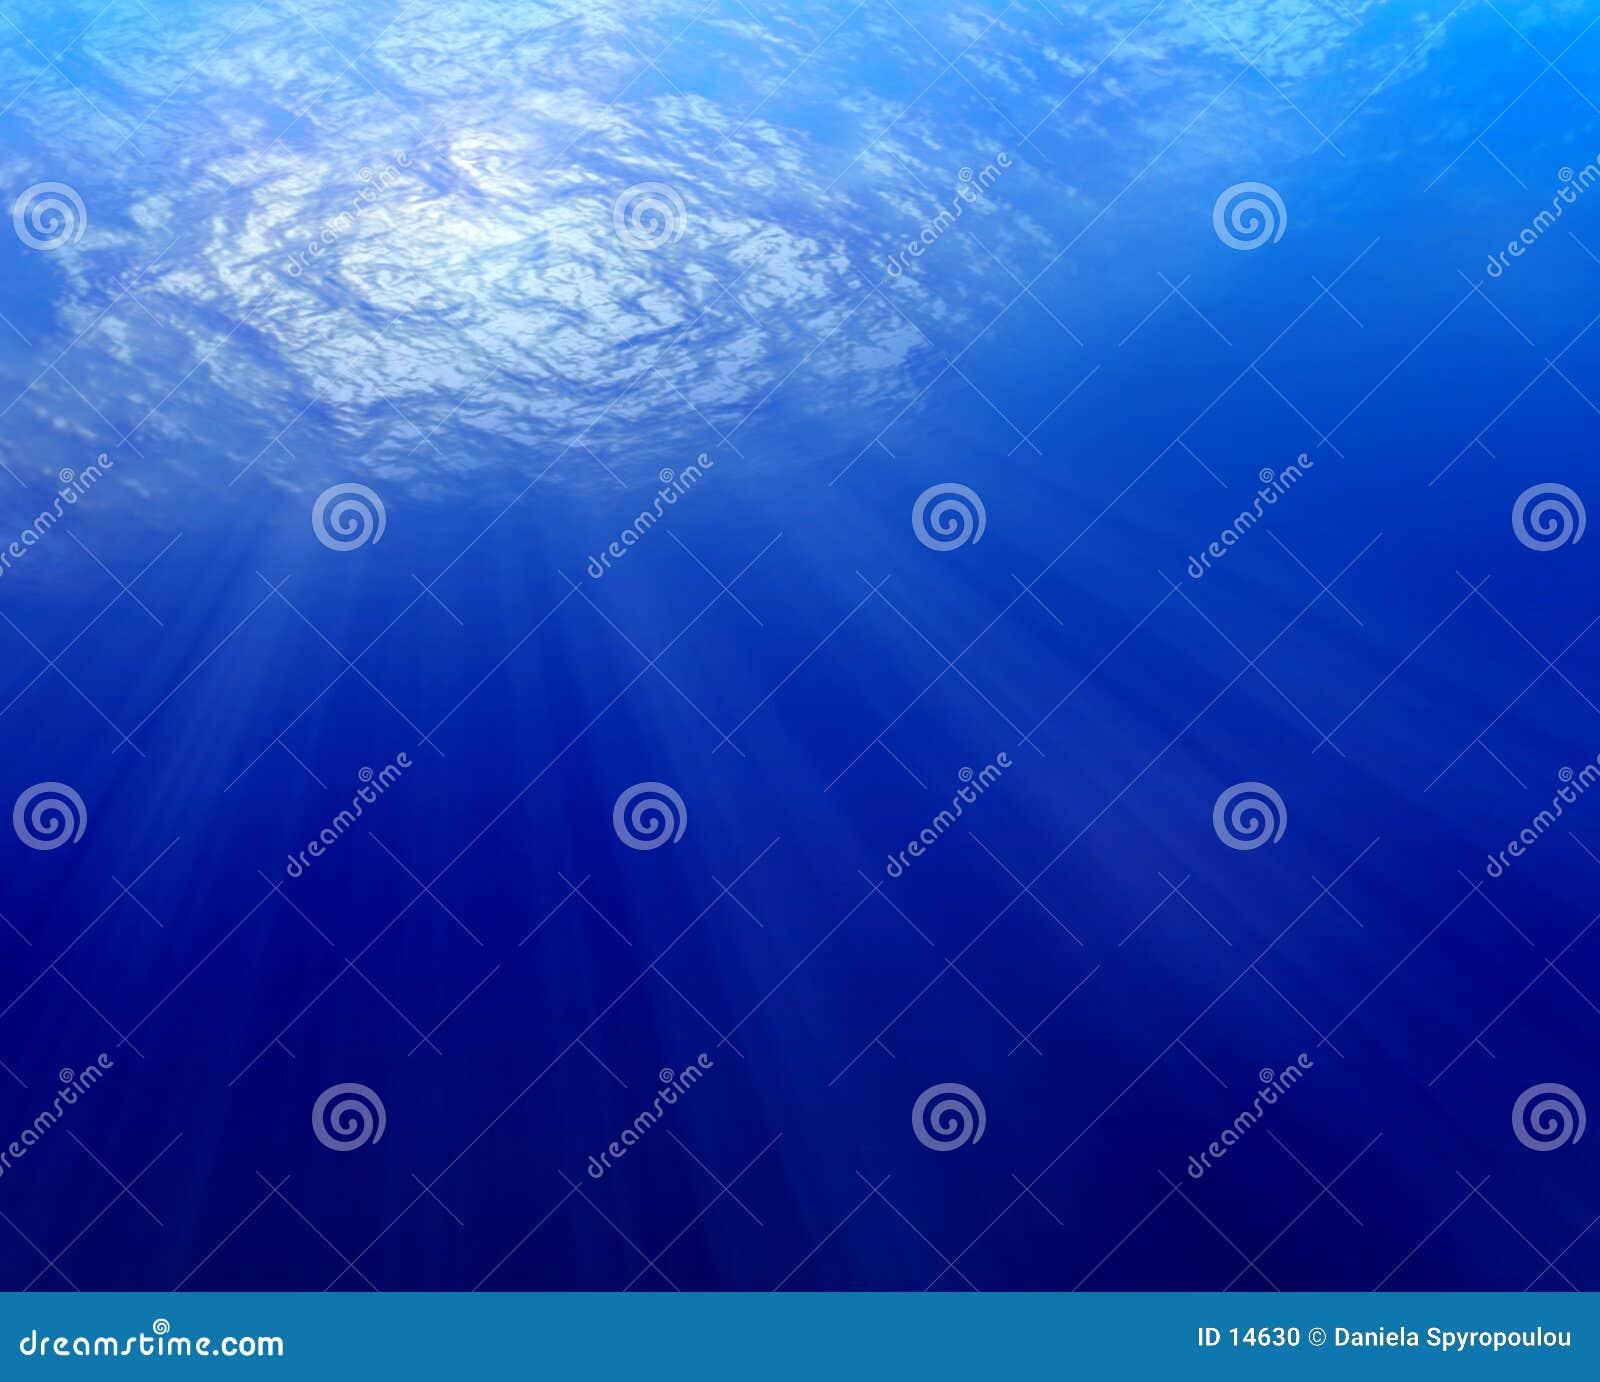 Download Avgrund arkivfoto. Bild av miljö, mörkt, lakes, flytande - 14630